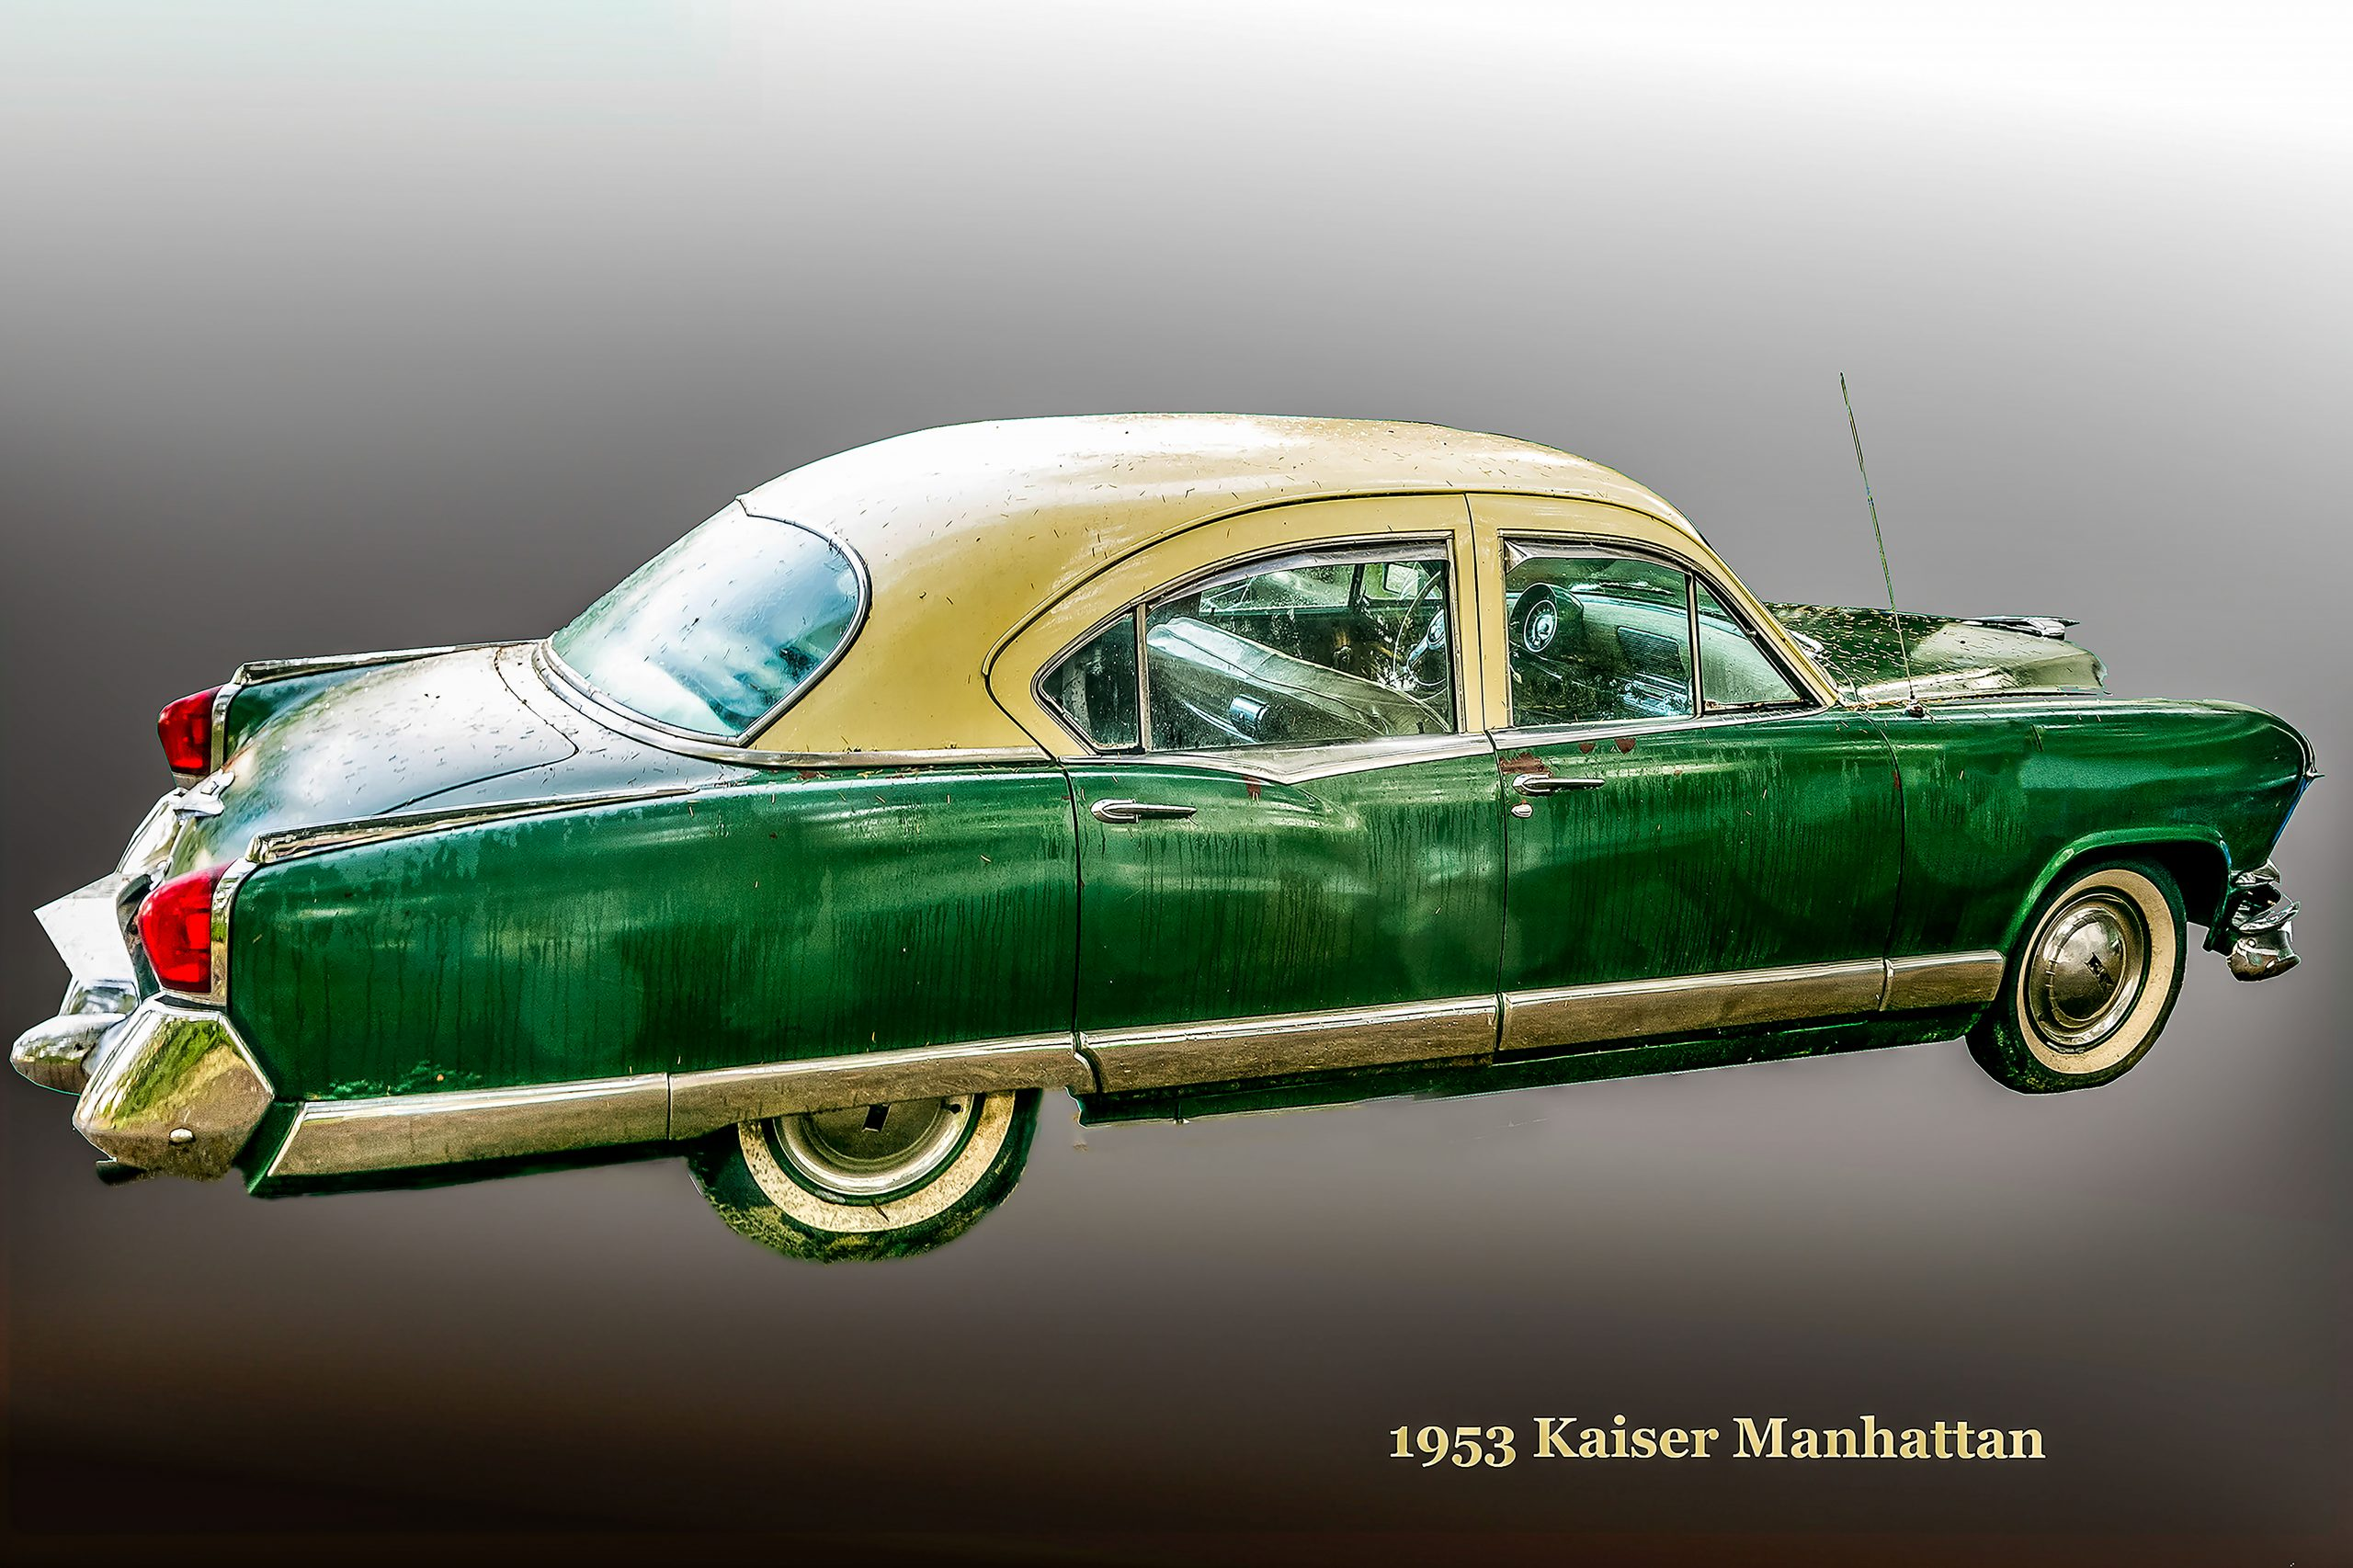 A 1953 Kaiser Manhattan in green and cream